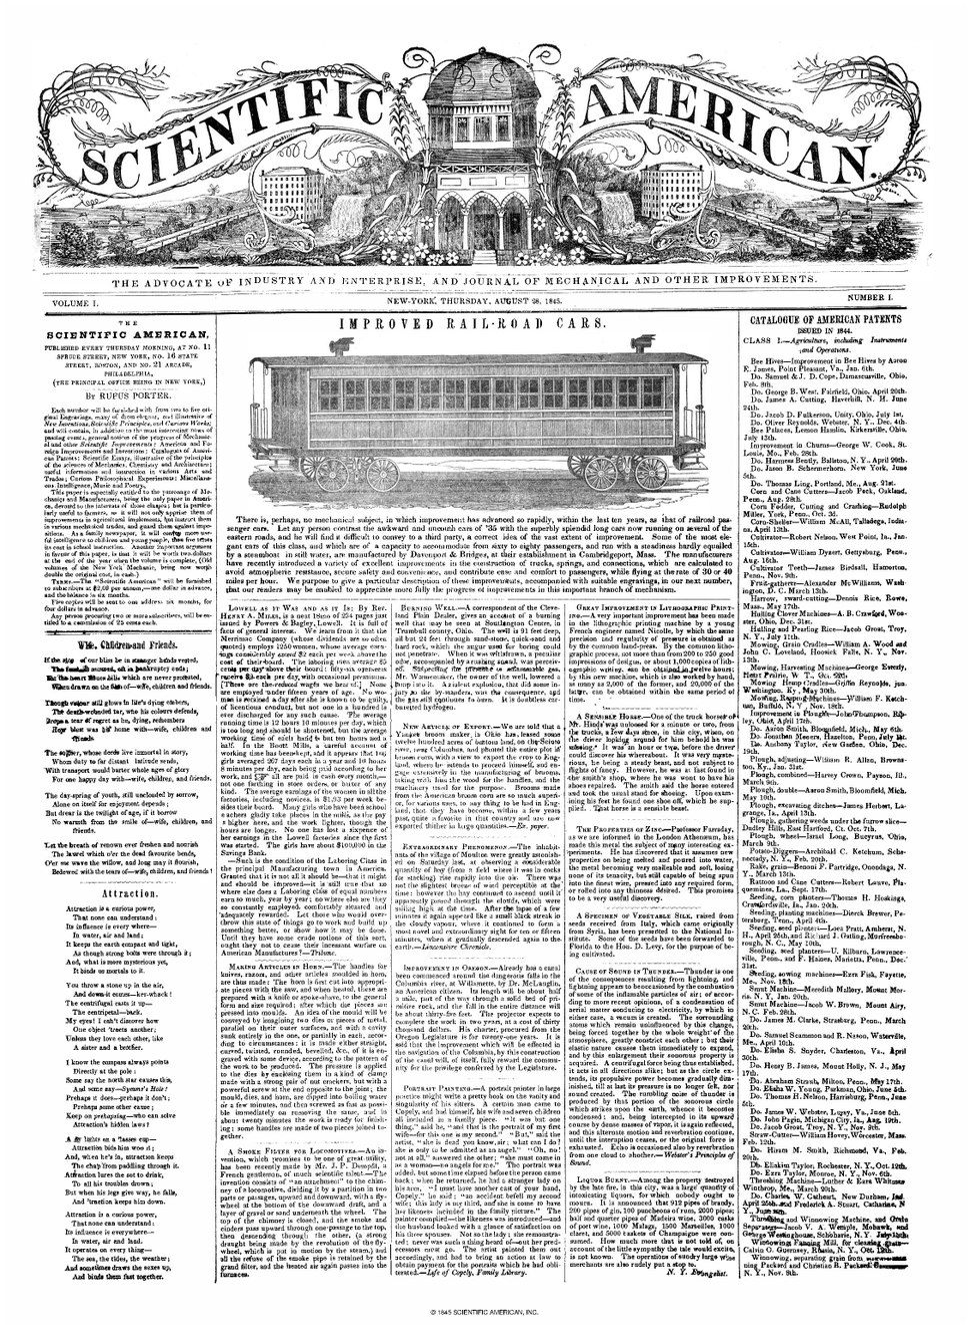 Scientific American - Series 1 - Volume 001 - Issue 01.pdf